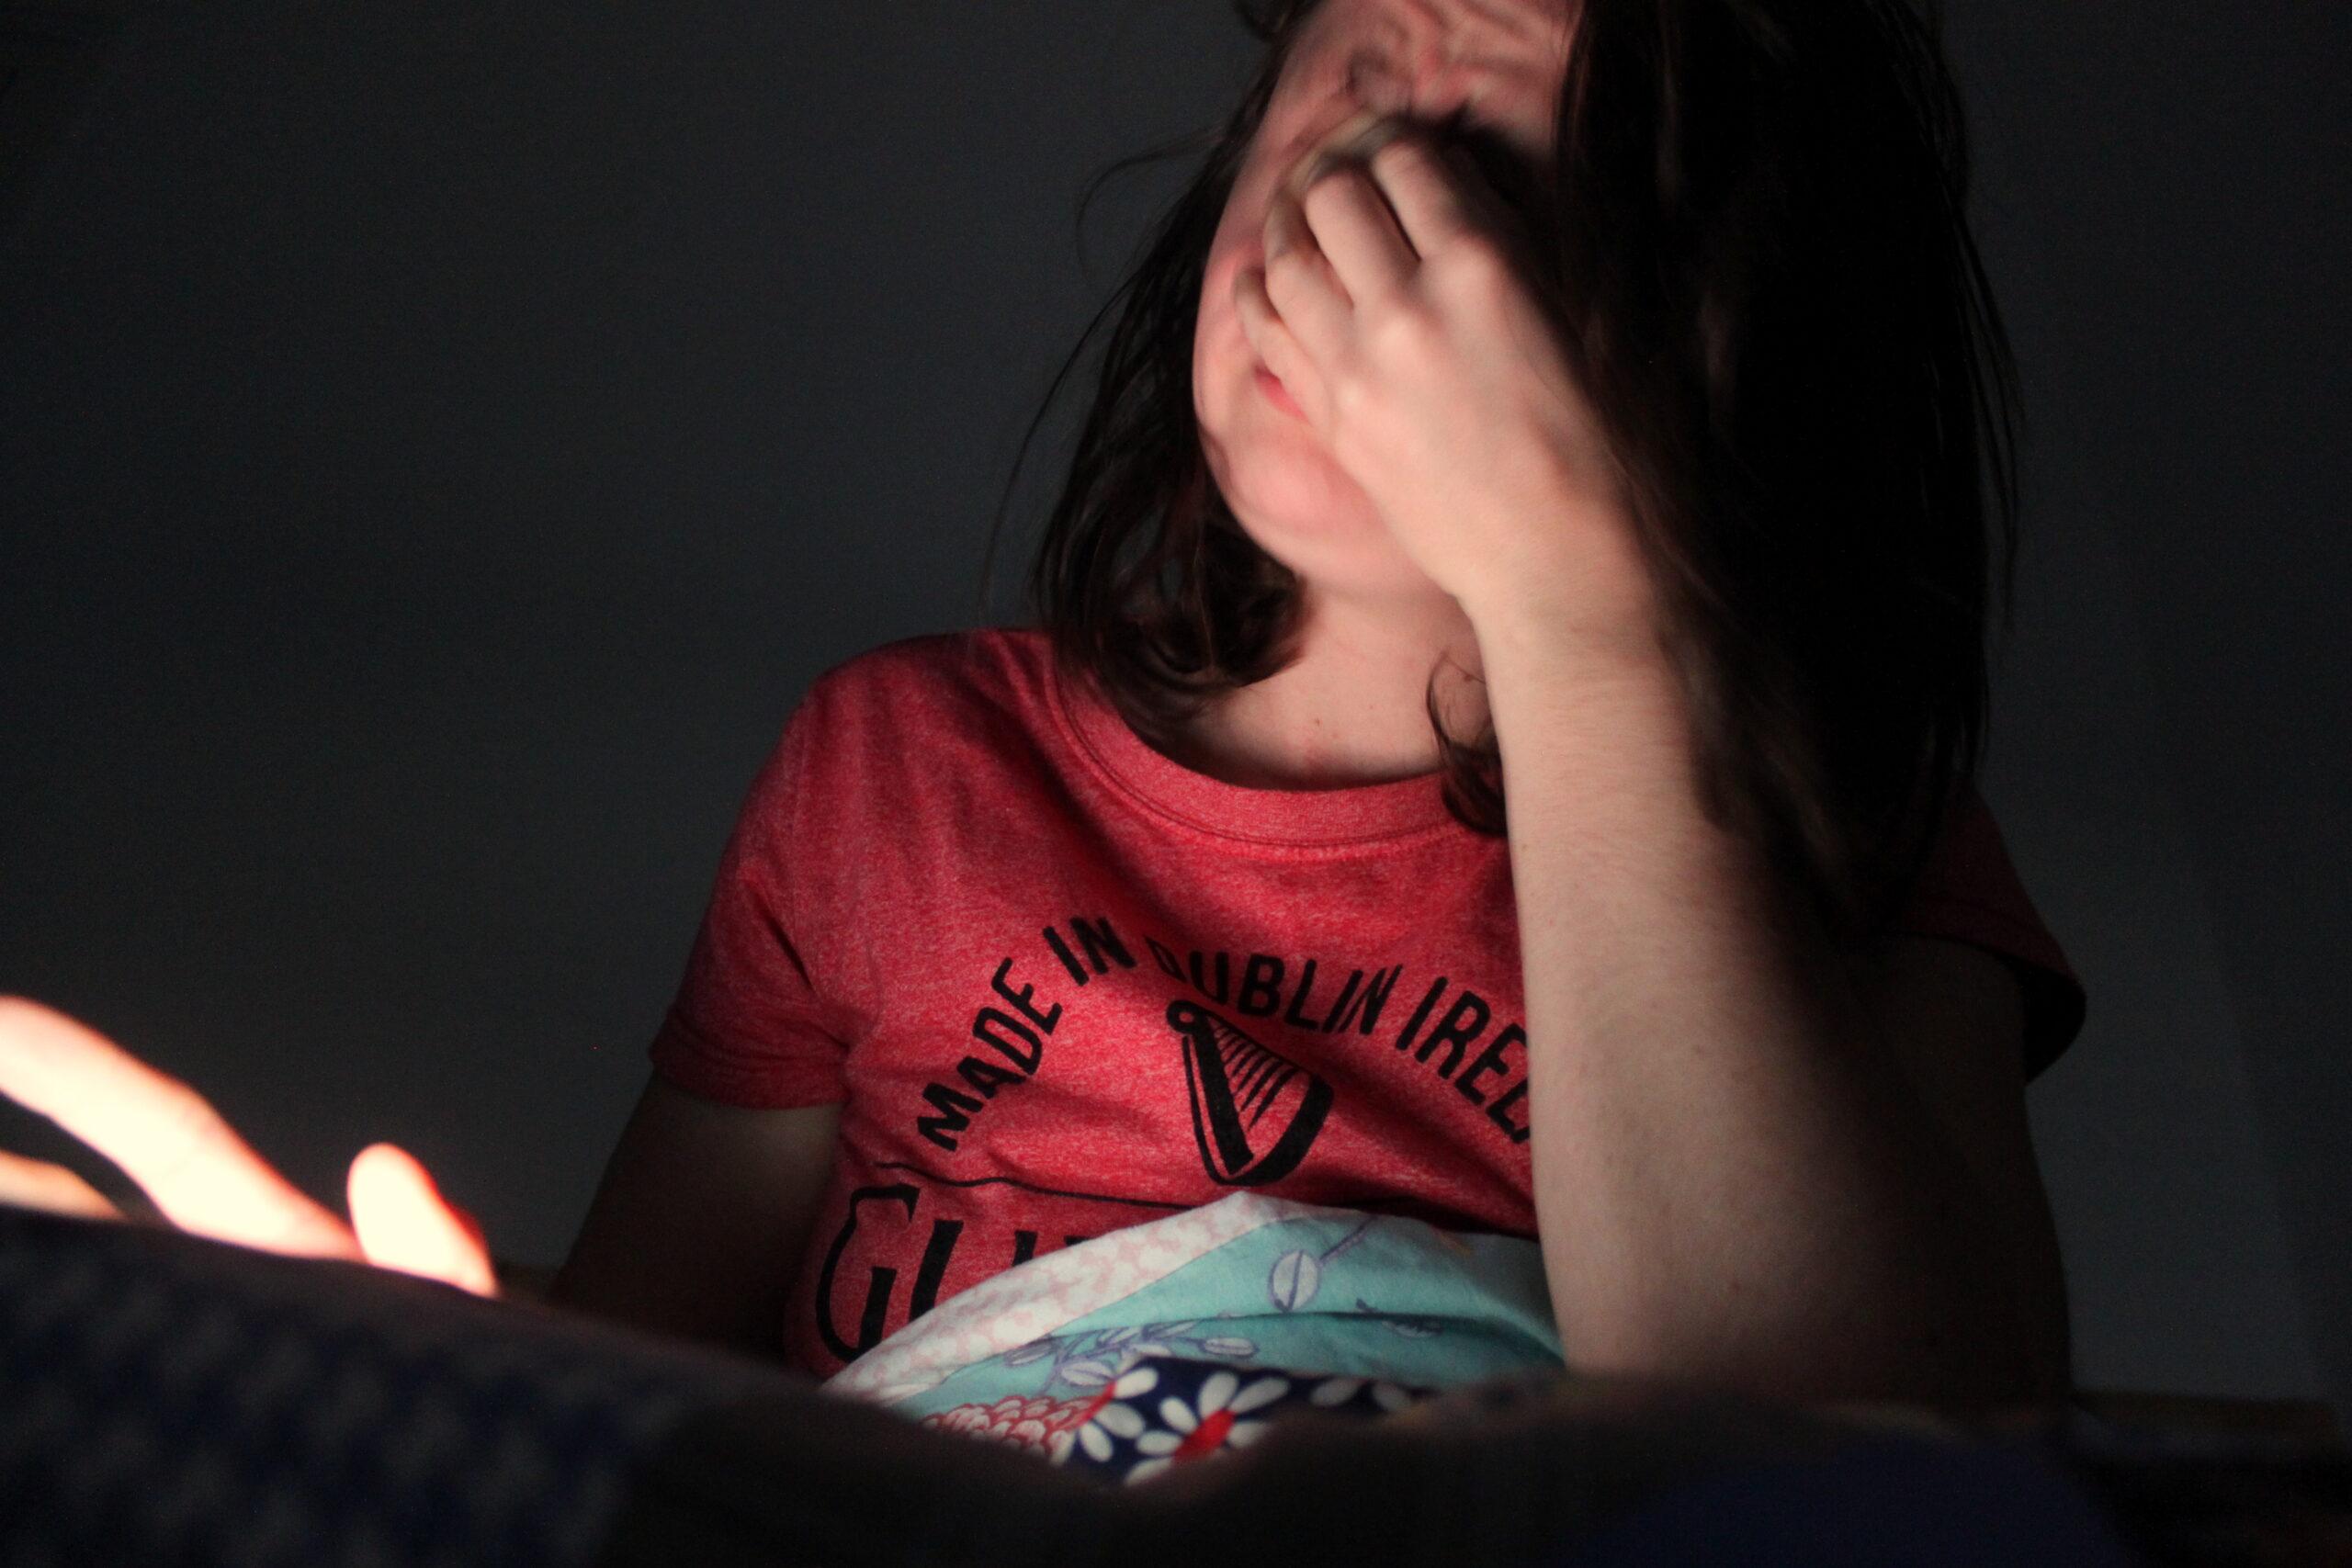 De nouveau, Nina regarde son téléphone au réveil. Ce dernier est la seule source lumineuse.